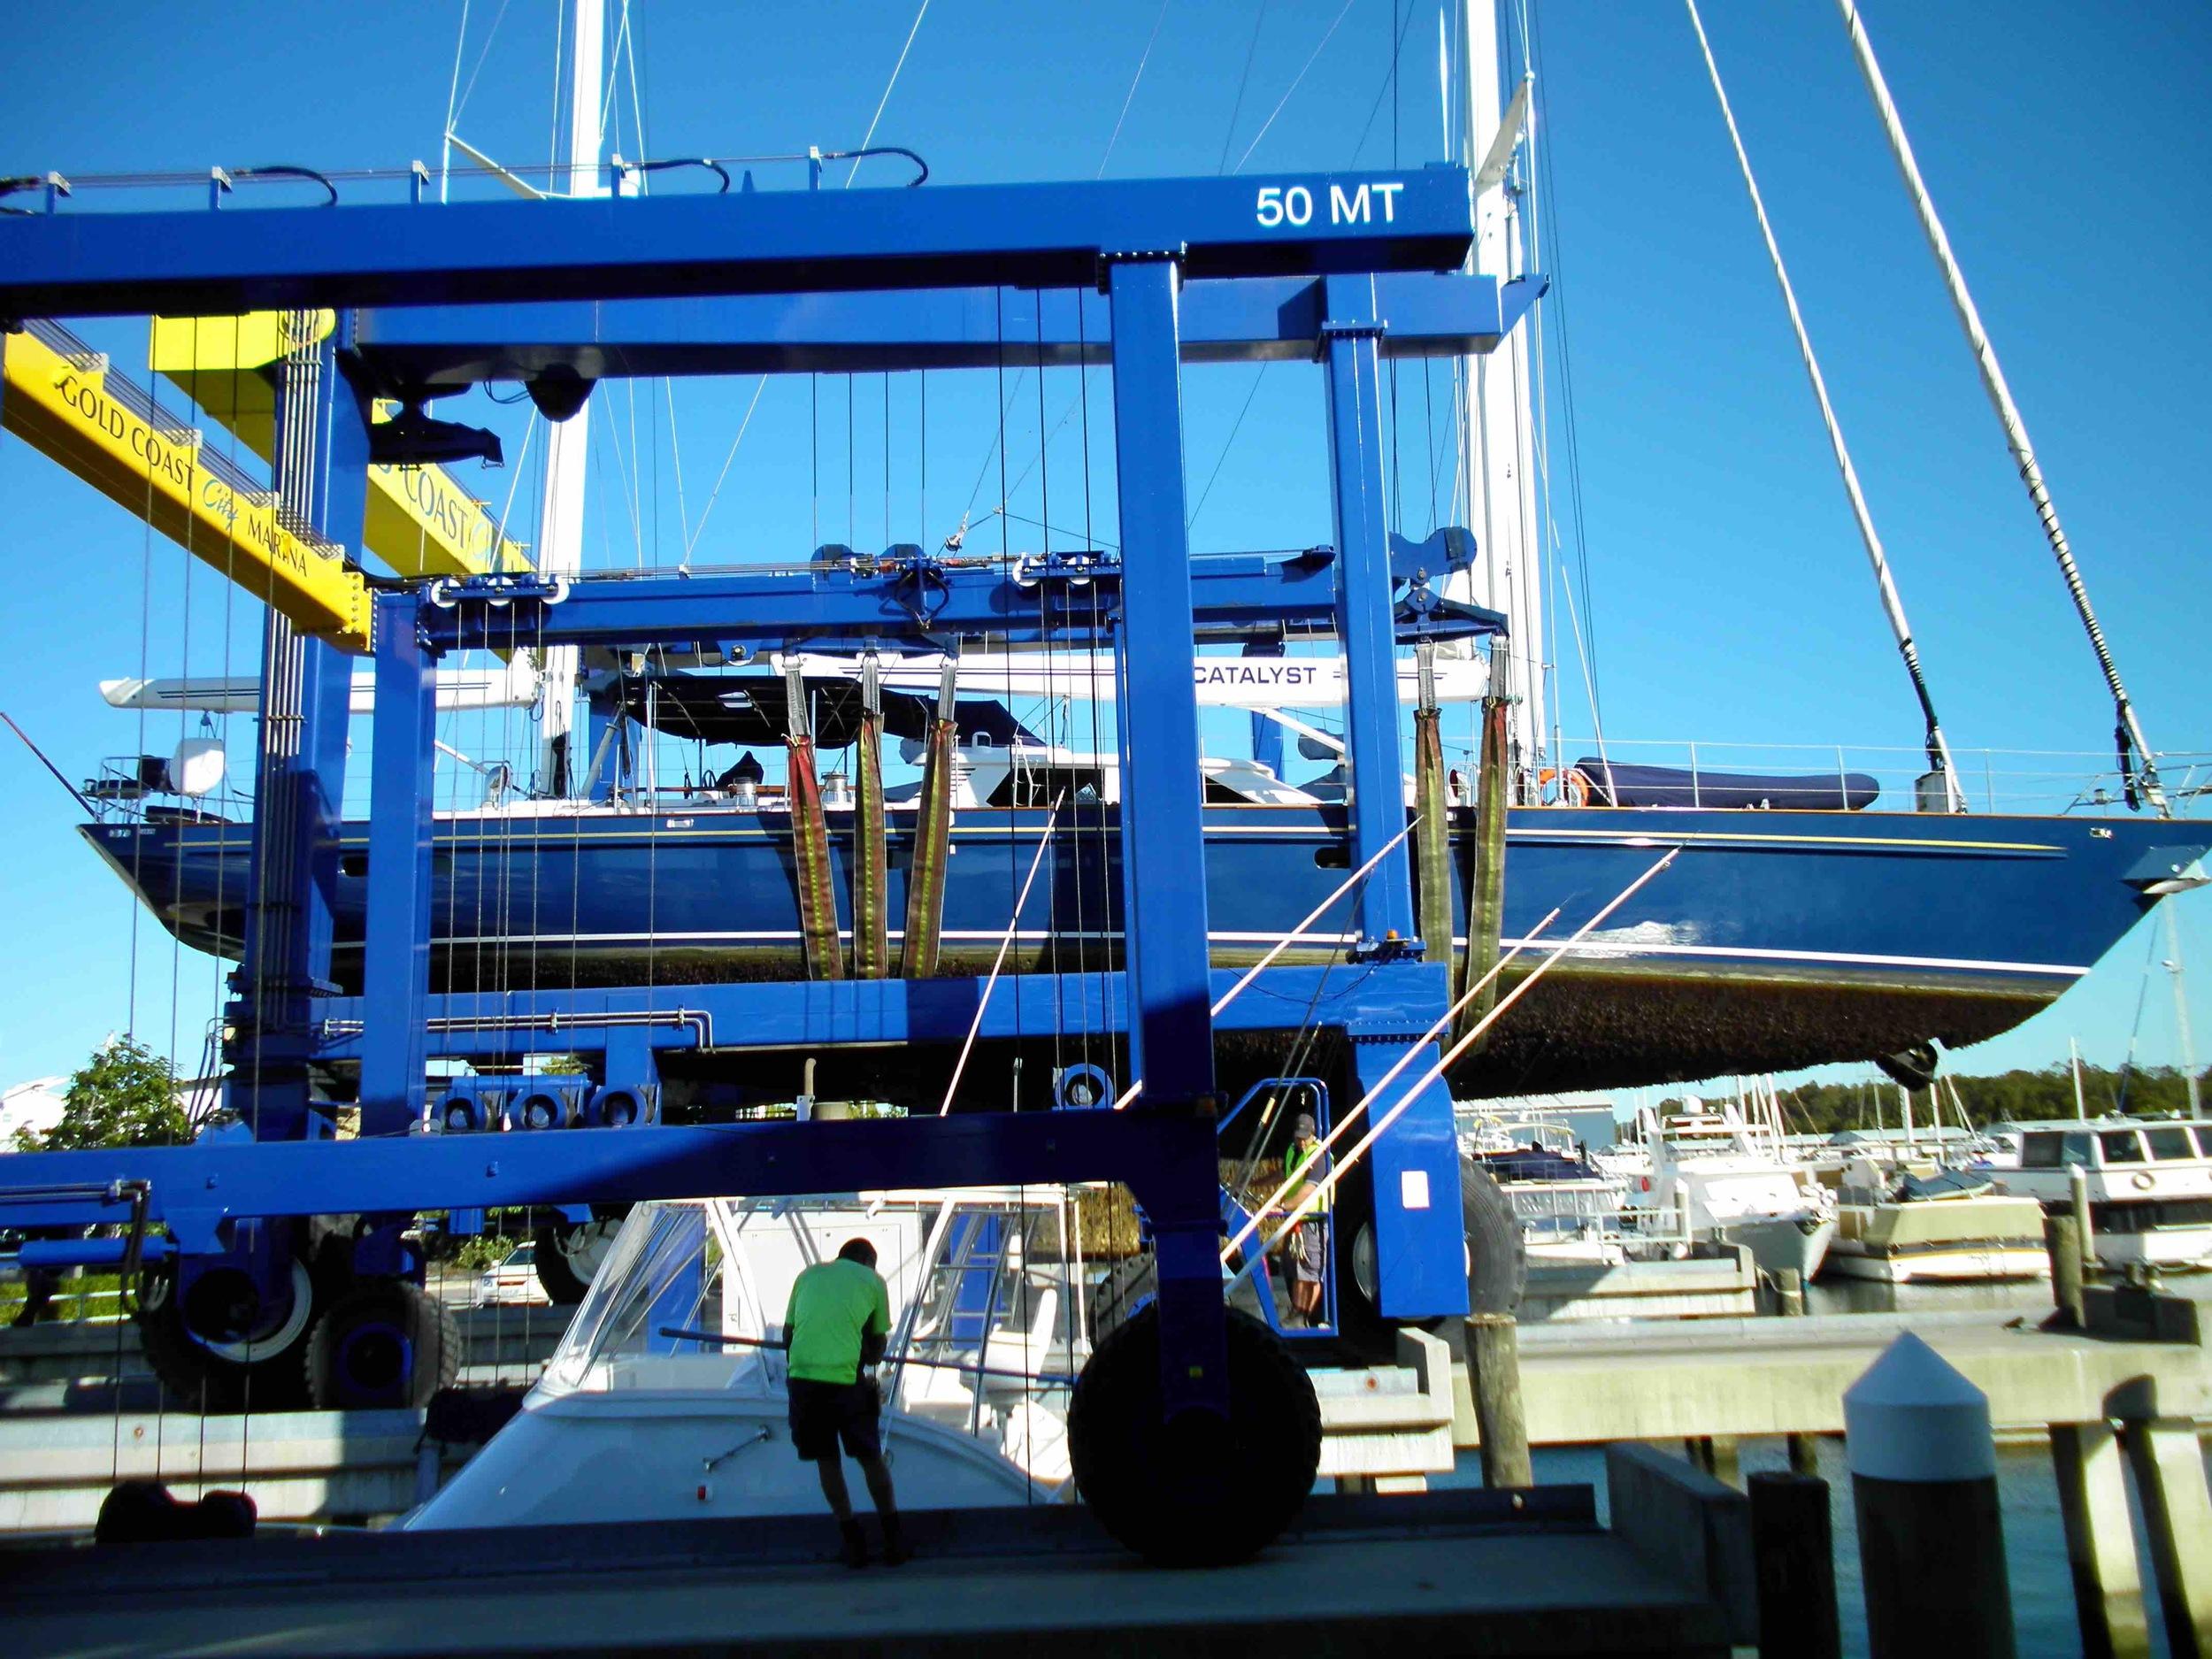 Catalyst yacht Gold Coast City Marina